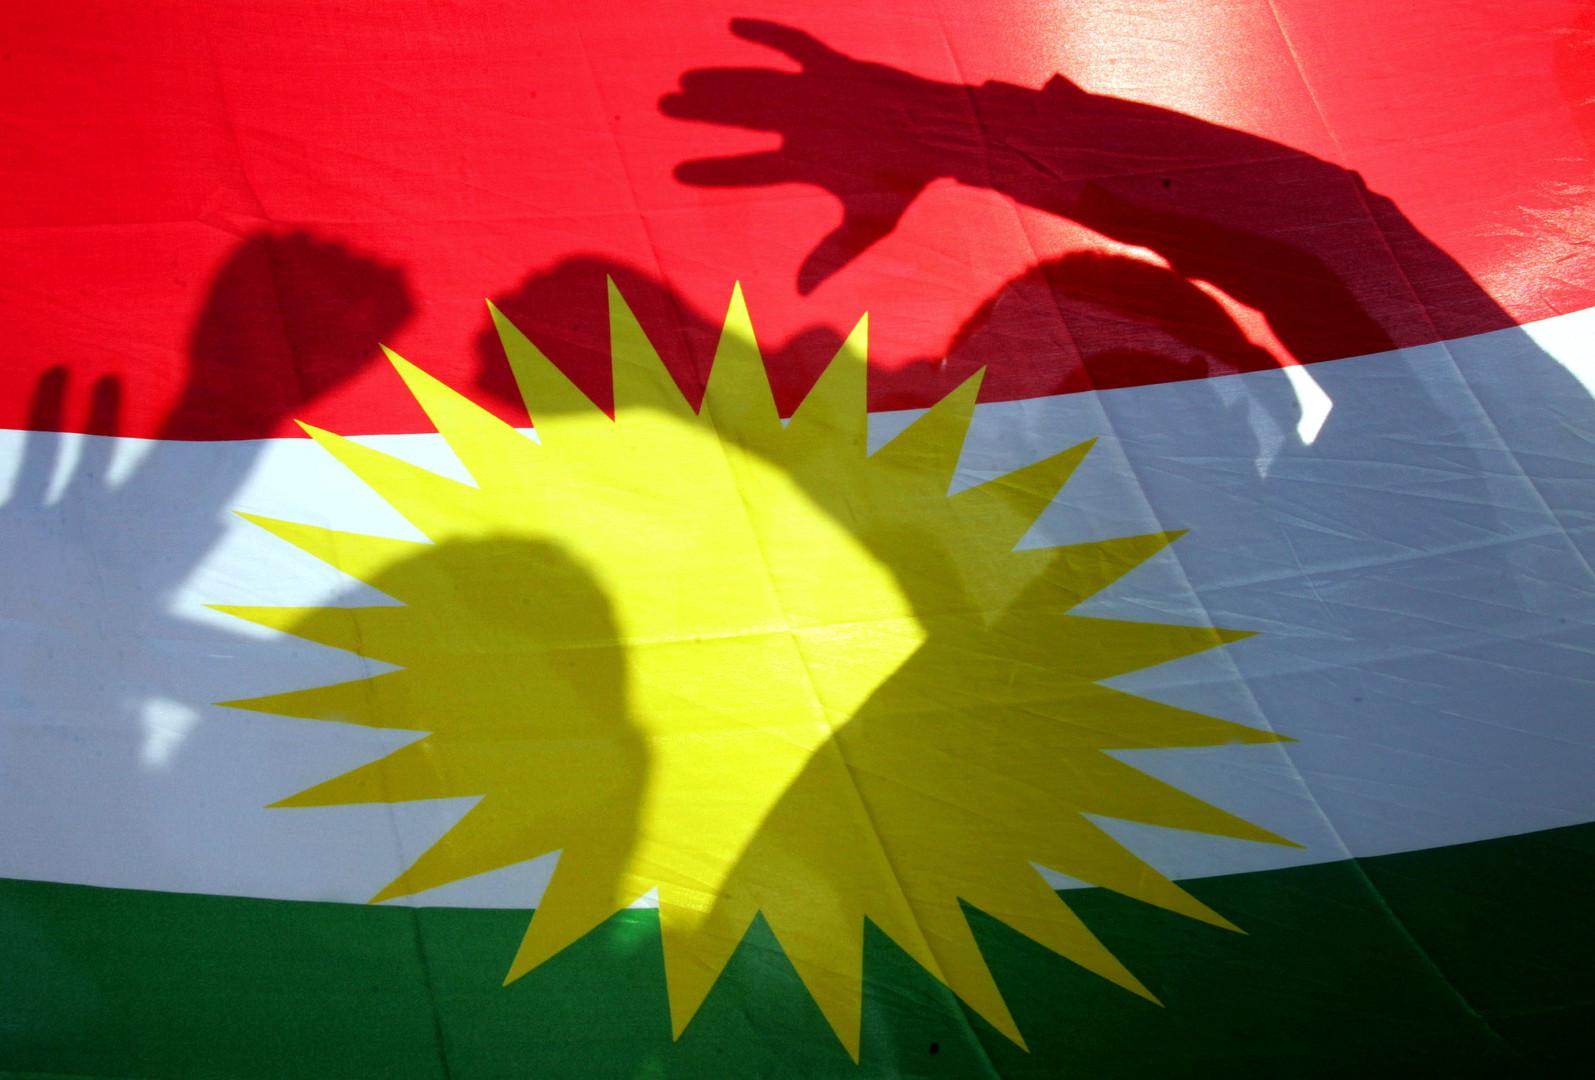 كردستان العراق يفتح باب الترشح لمنصب رئيس الإقليم